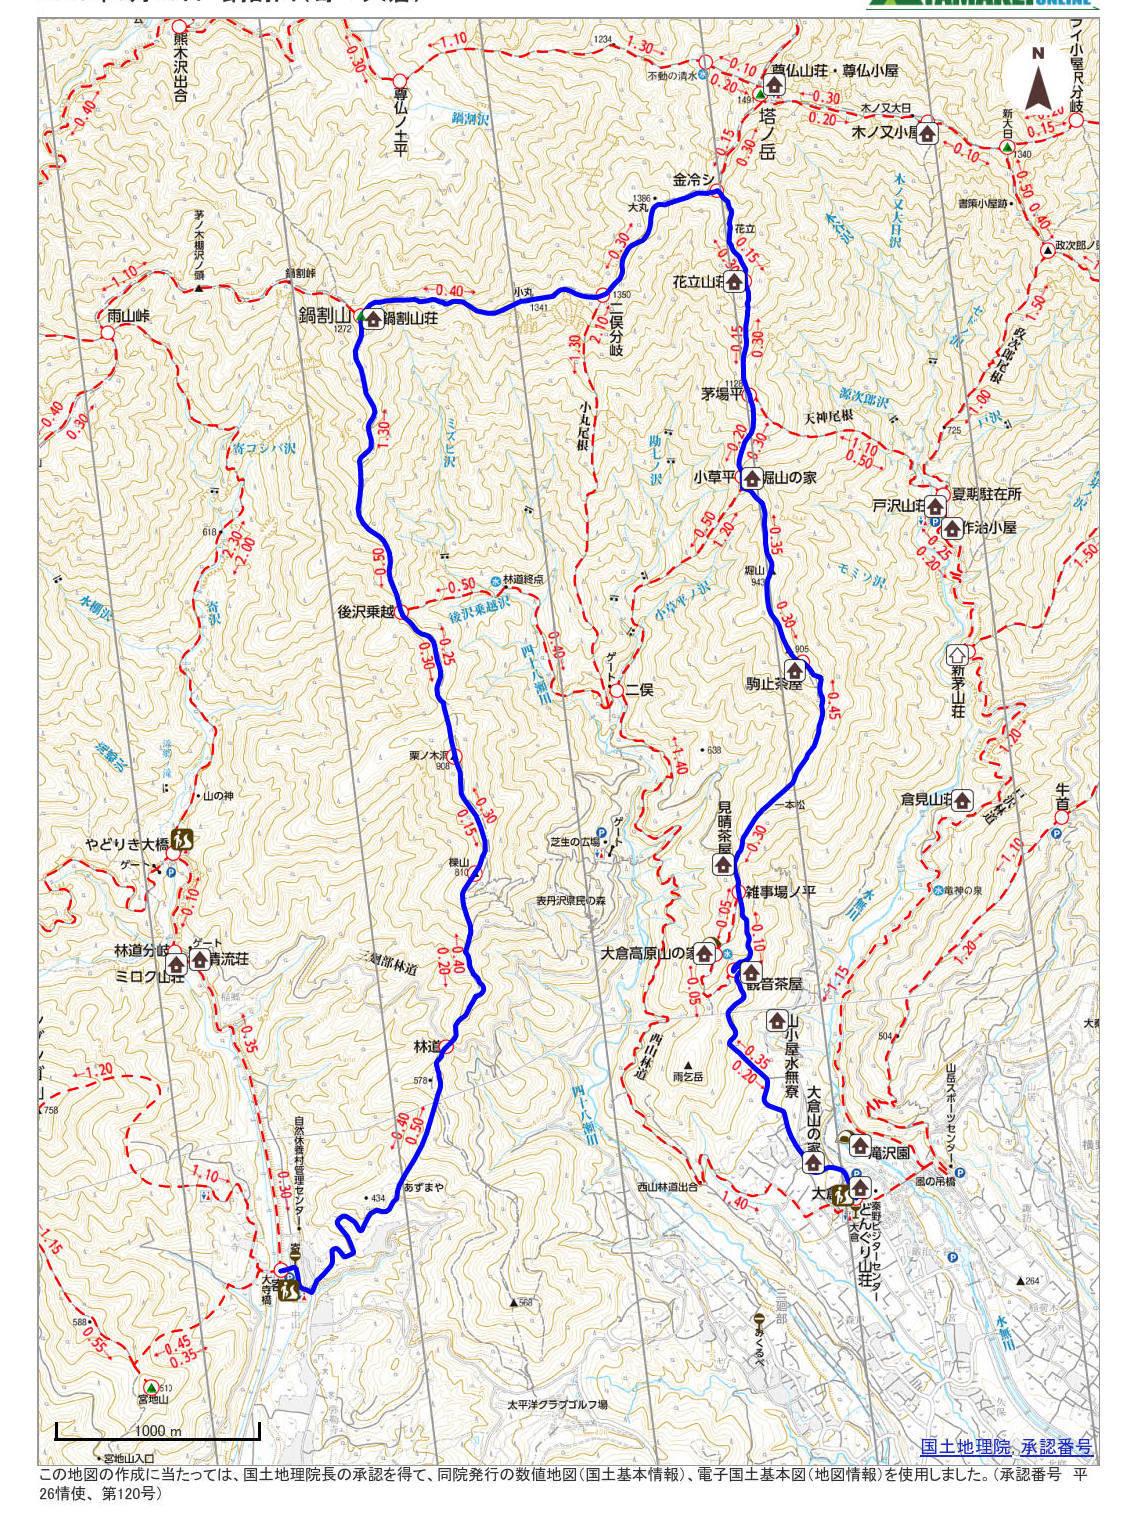 コースタイム付き登山地図印刷A4縦(行程なし) - Yamakei Online _ 山と渓谷社_1-001